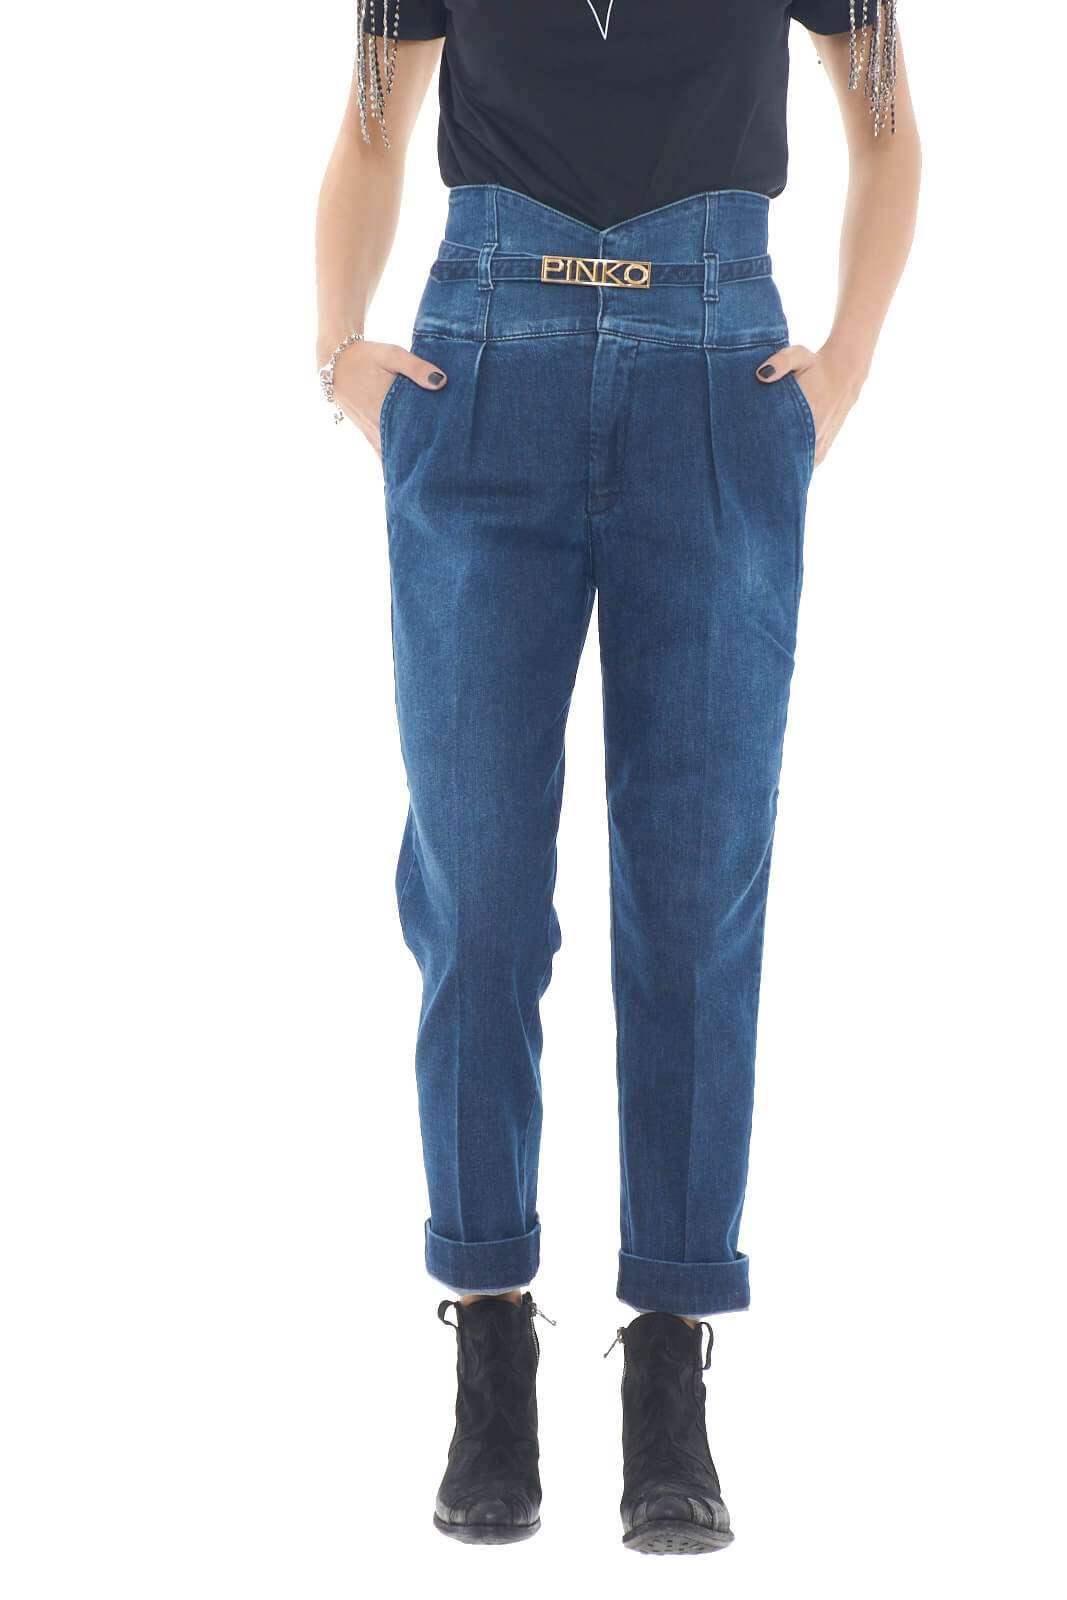 Caratterizzati dalla vita alta, i nuovi jeans Ariel 3 proposti dalla collezione Pinko si impongono per i ricchi dettagli.  La vita alta è rifinita con la cintura removibile riportante il logo del brand a definirre la linea e renderli iconici.  Un modello slouchy caratterizzato dalla tasche america e dalle tasche posteriori a doppio filetto per unire casual e stile.